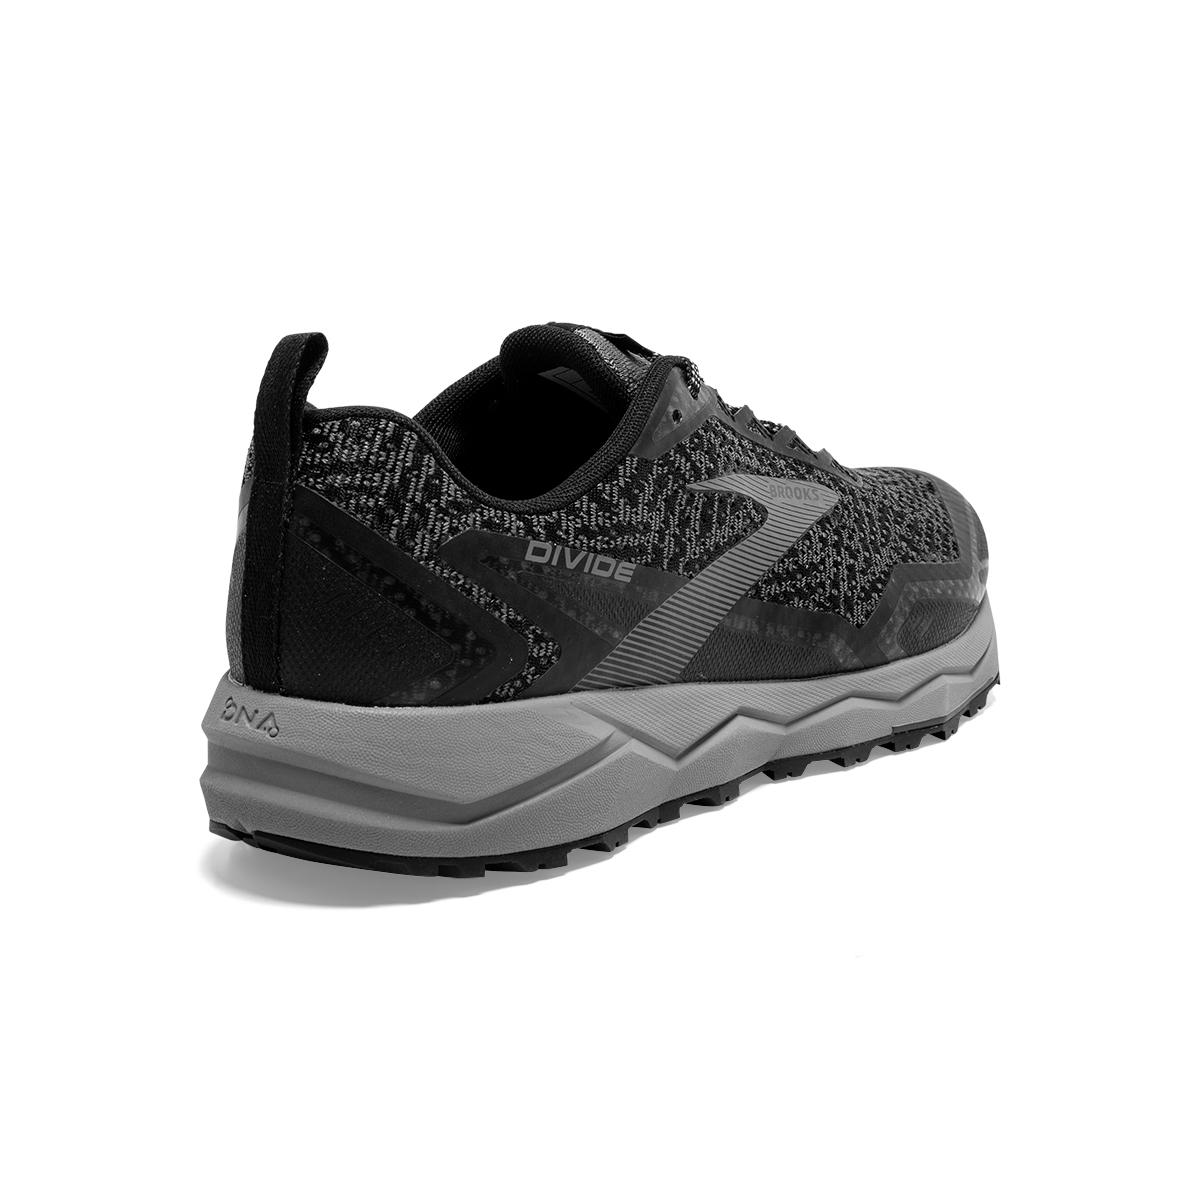 Men's Brooks Divide Trail Running Shoe - Color: Black/Grey (Regular Width) - Size: 7, Black/Grey, large, image 5